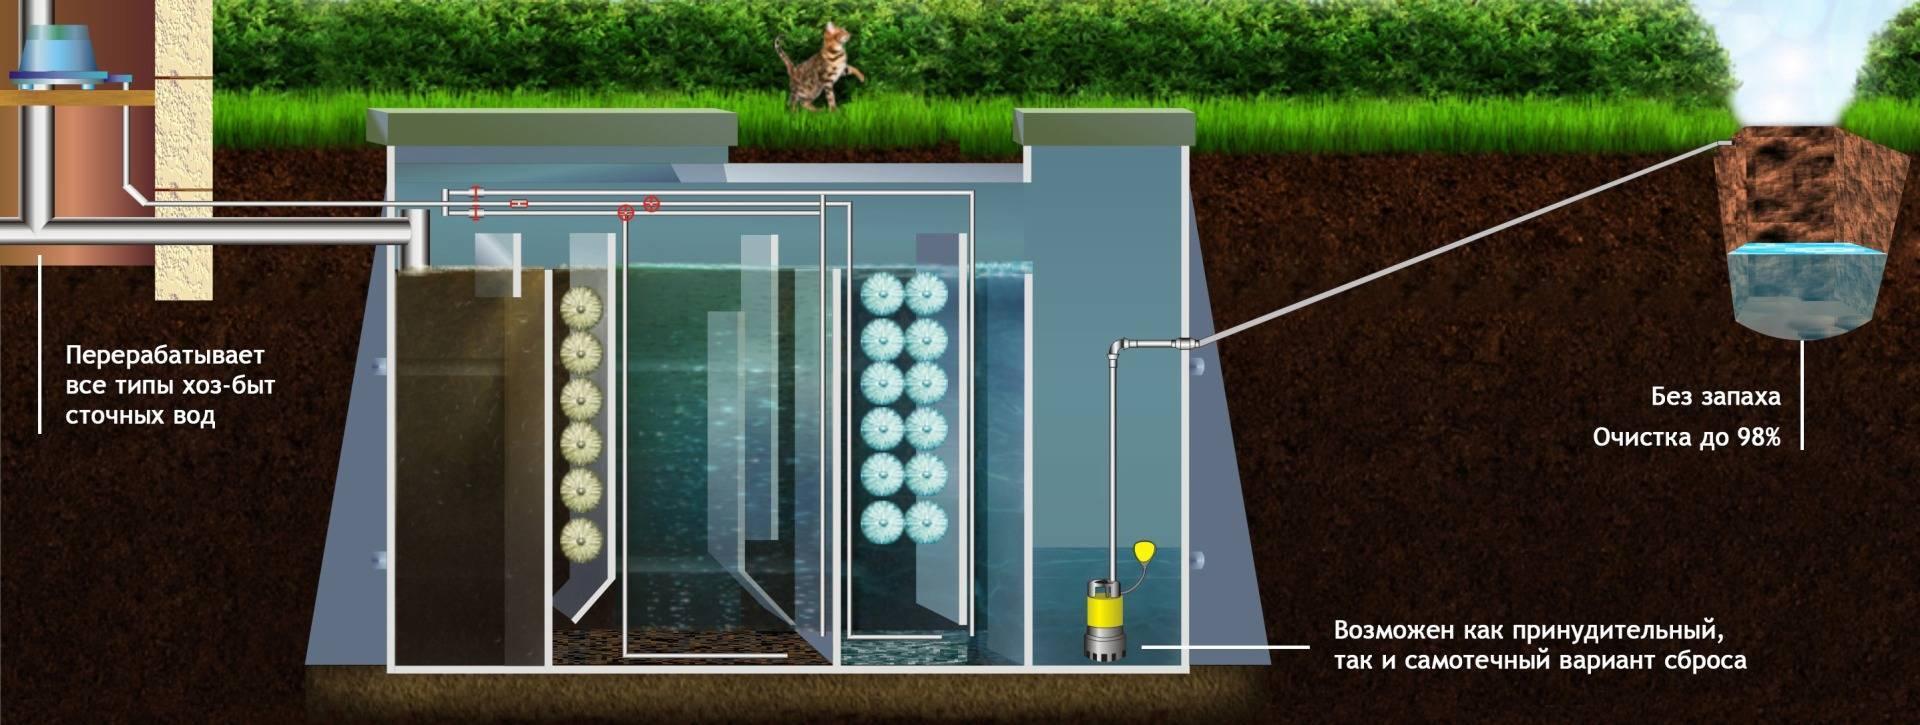 Что лучше: септик или выгребная яма? автономная канализация для загородного дома